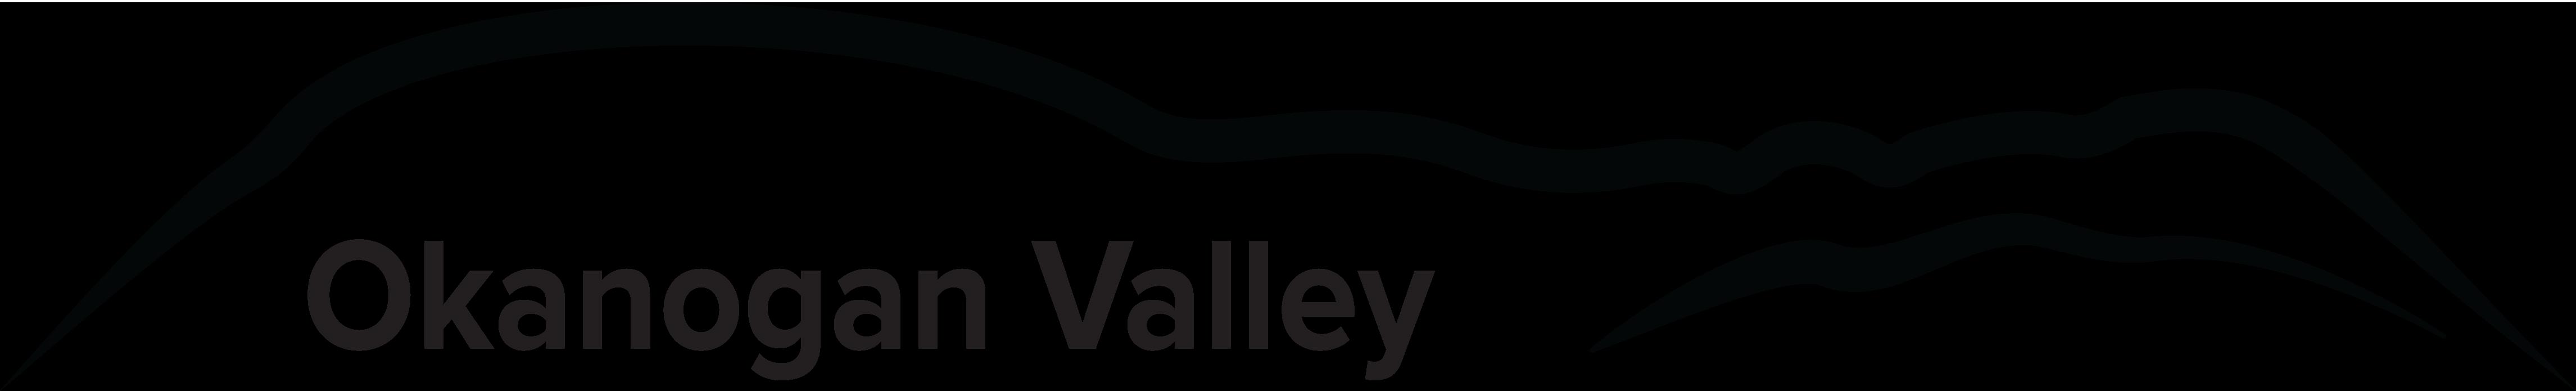 Okanogan Valley Golf Club